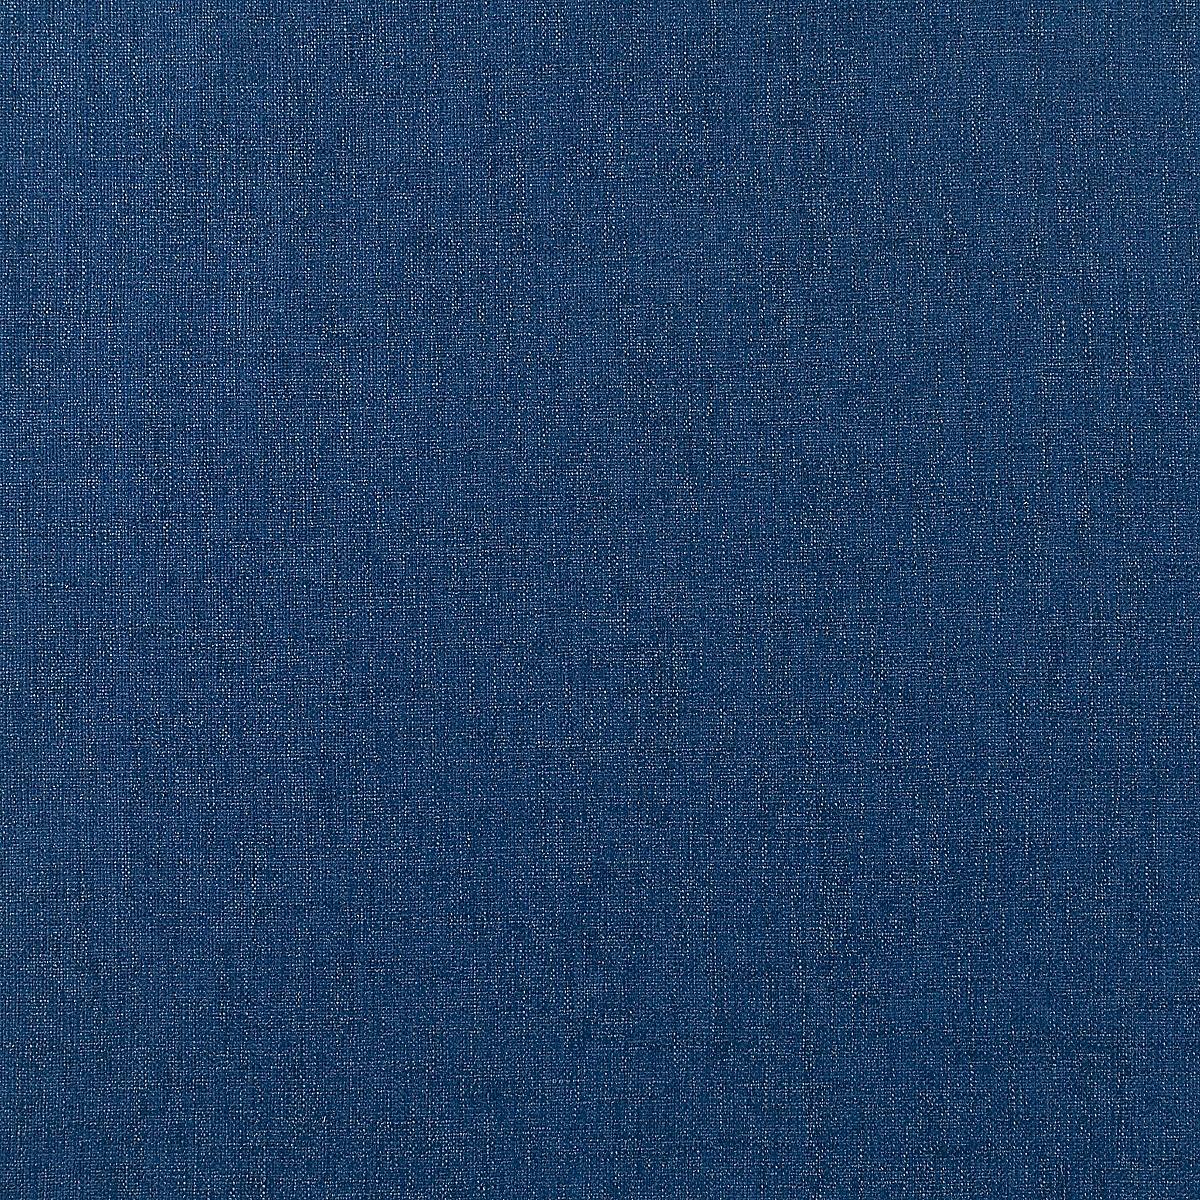 Sandbar: Marine (fabric yardage)